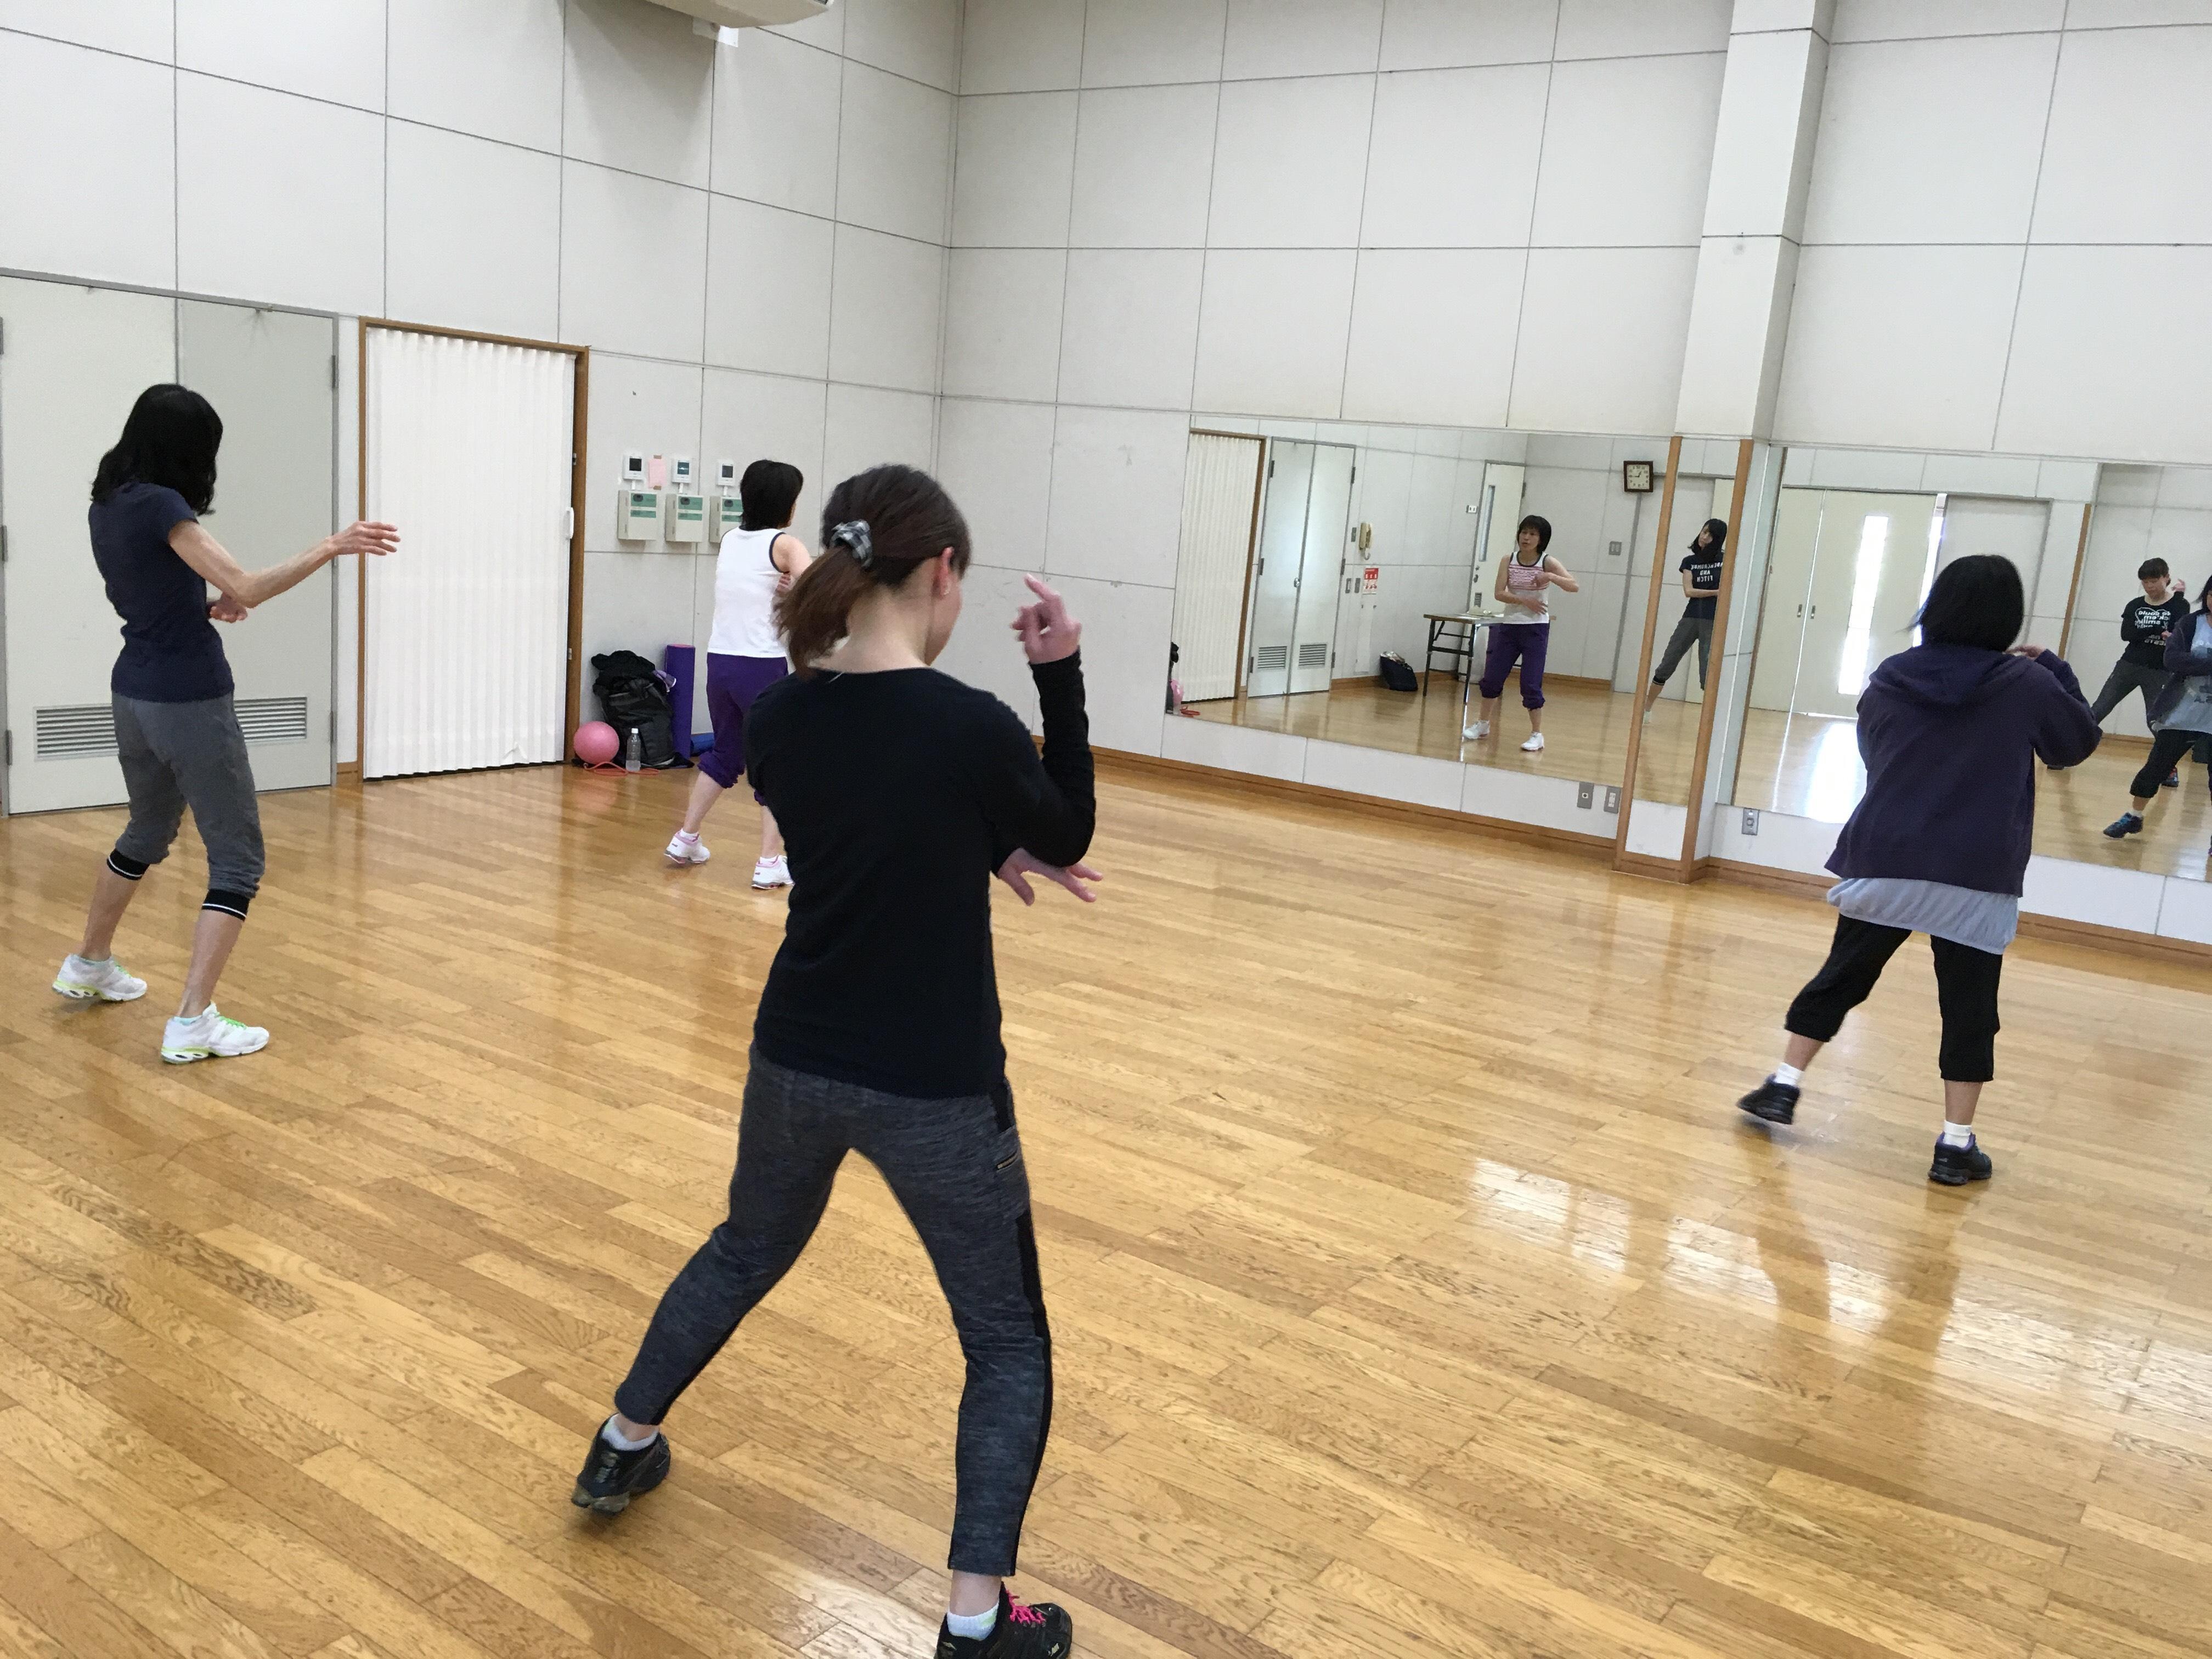 エアロビックダンスの練習風景